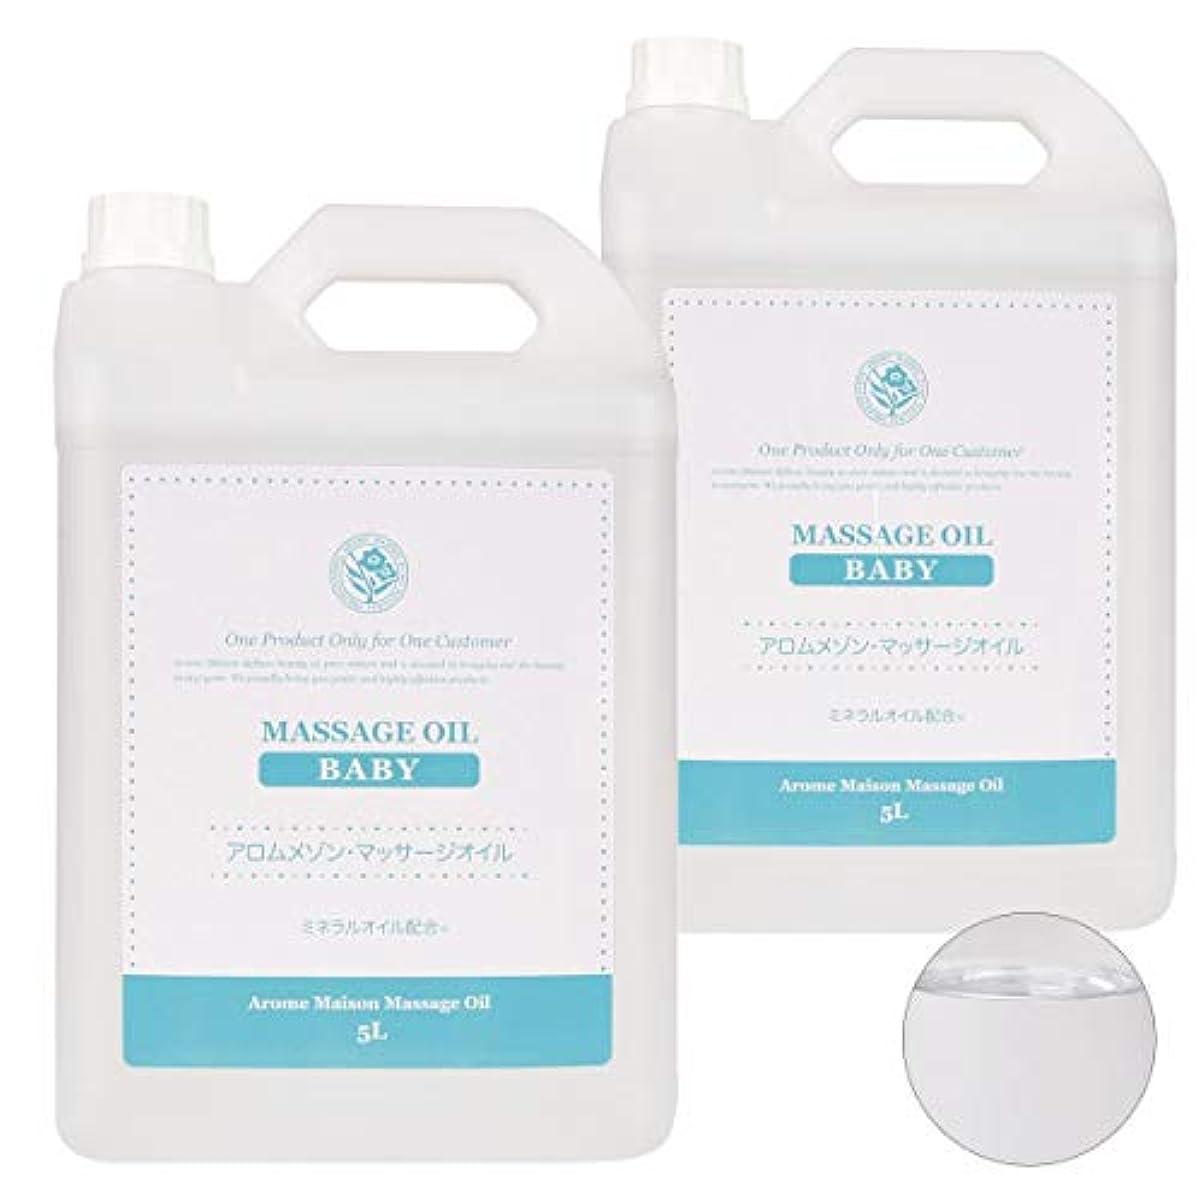 液化する蓋伝説< アロムメゾン > マッサージオイル ベビー 5L (2個セット) [ ミネラルオイル ミネラルマッサージオイル ボディマッサージオイル ボディオイル ベビーオイル スリミング 無香料 業務用 ]